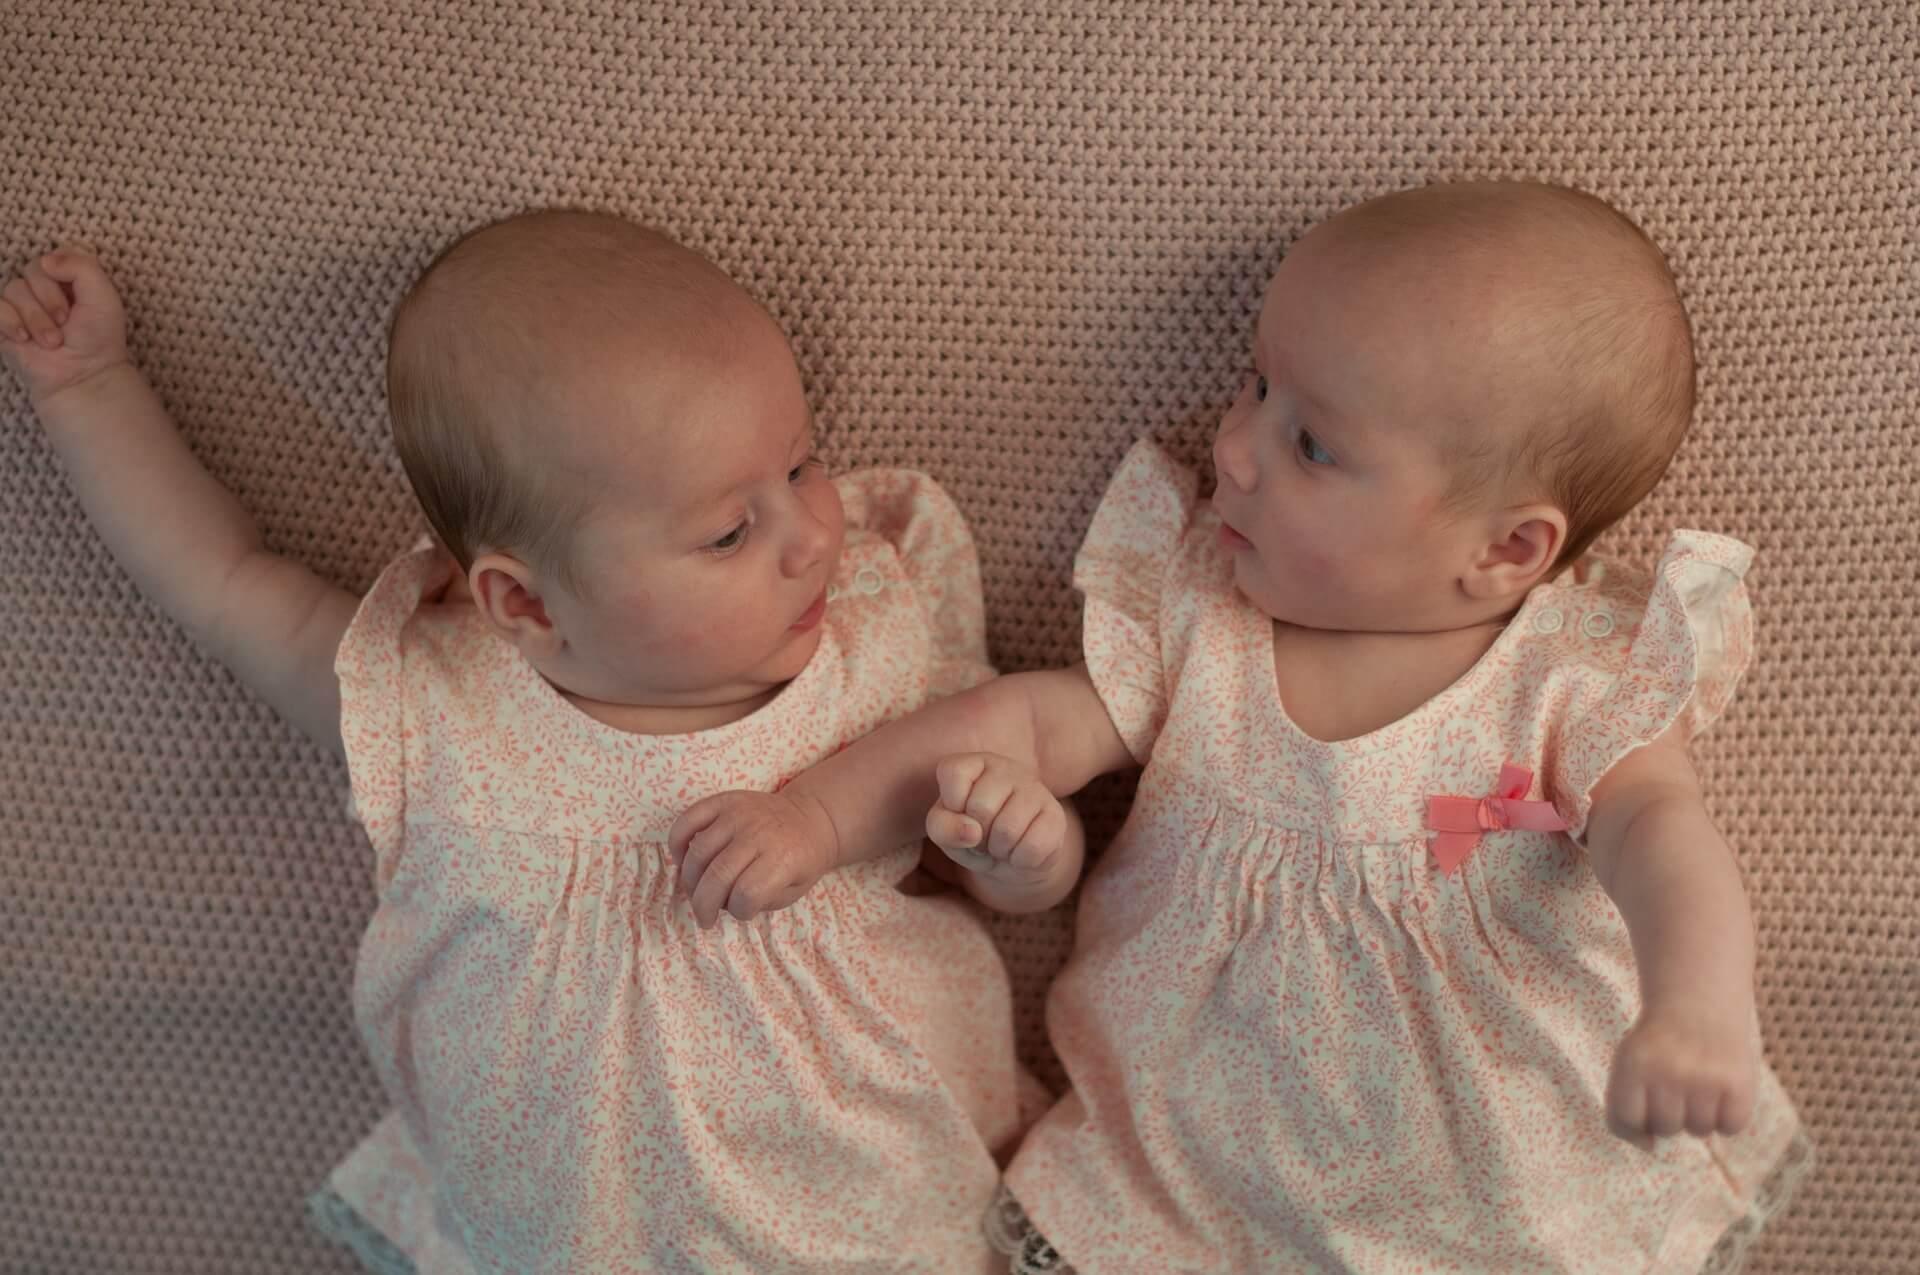 de gemelos 3